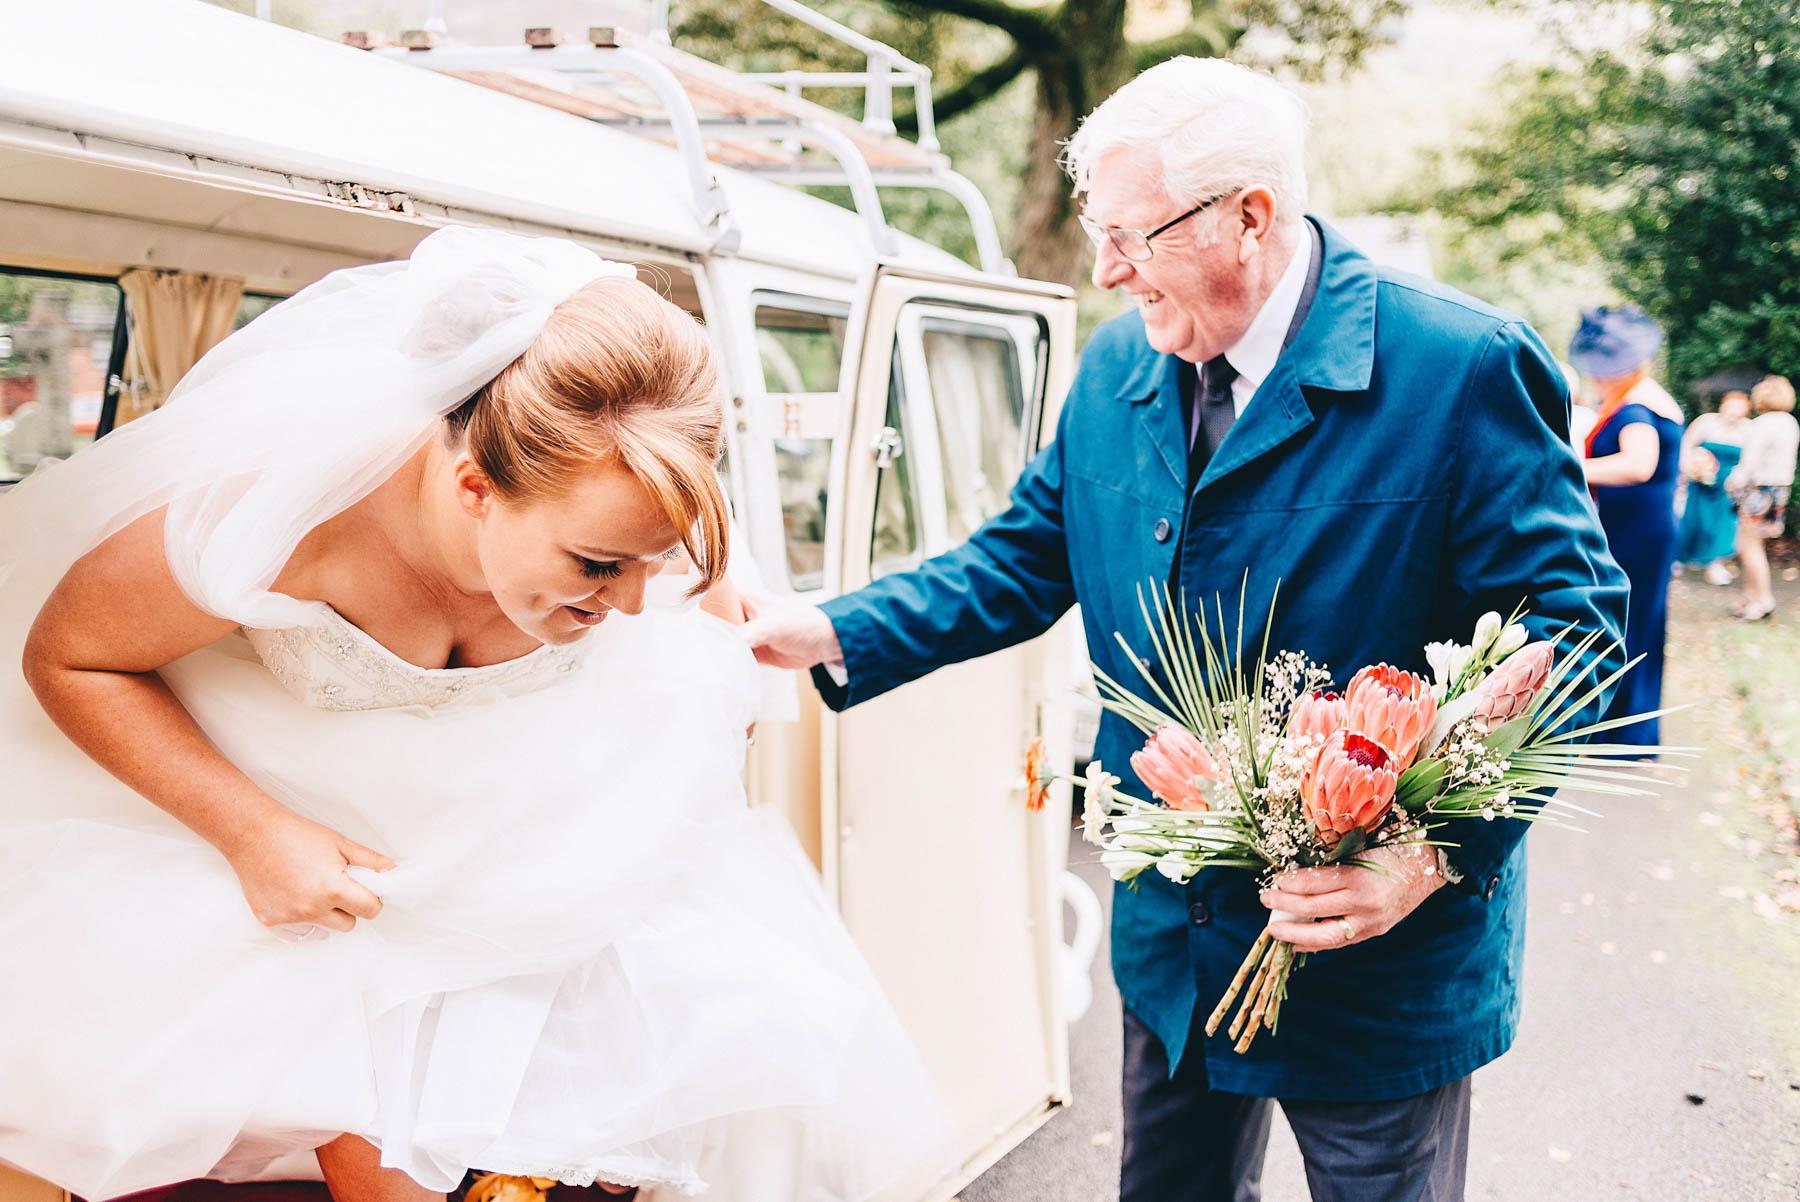 Bride exits campervan